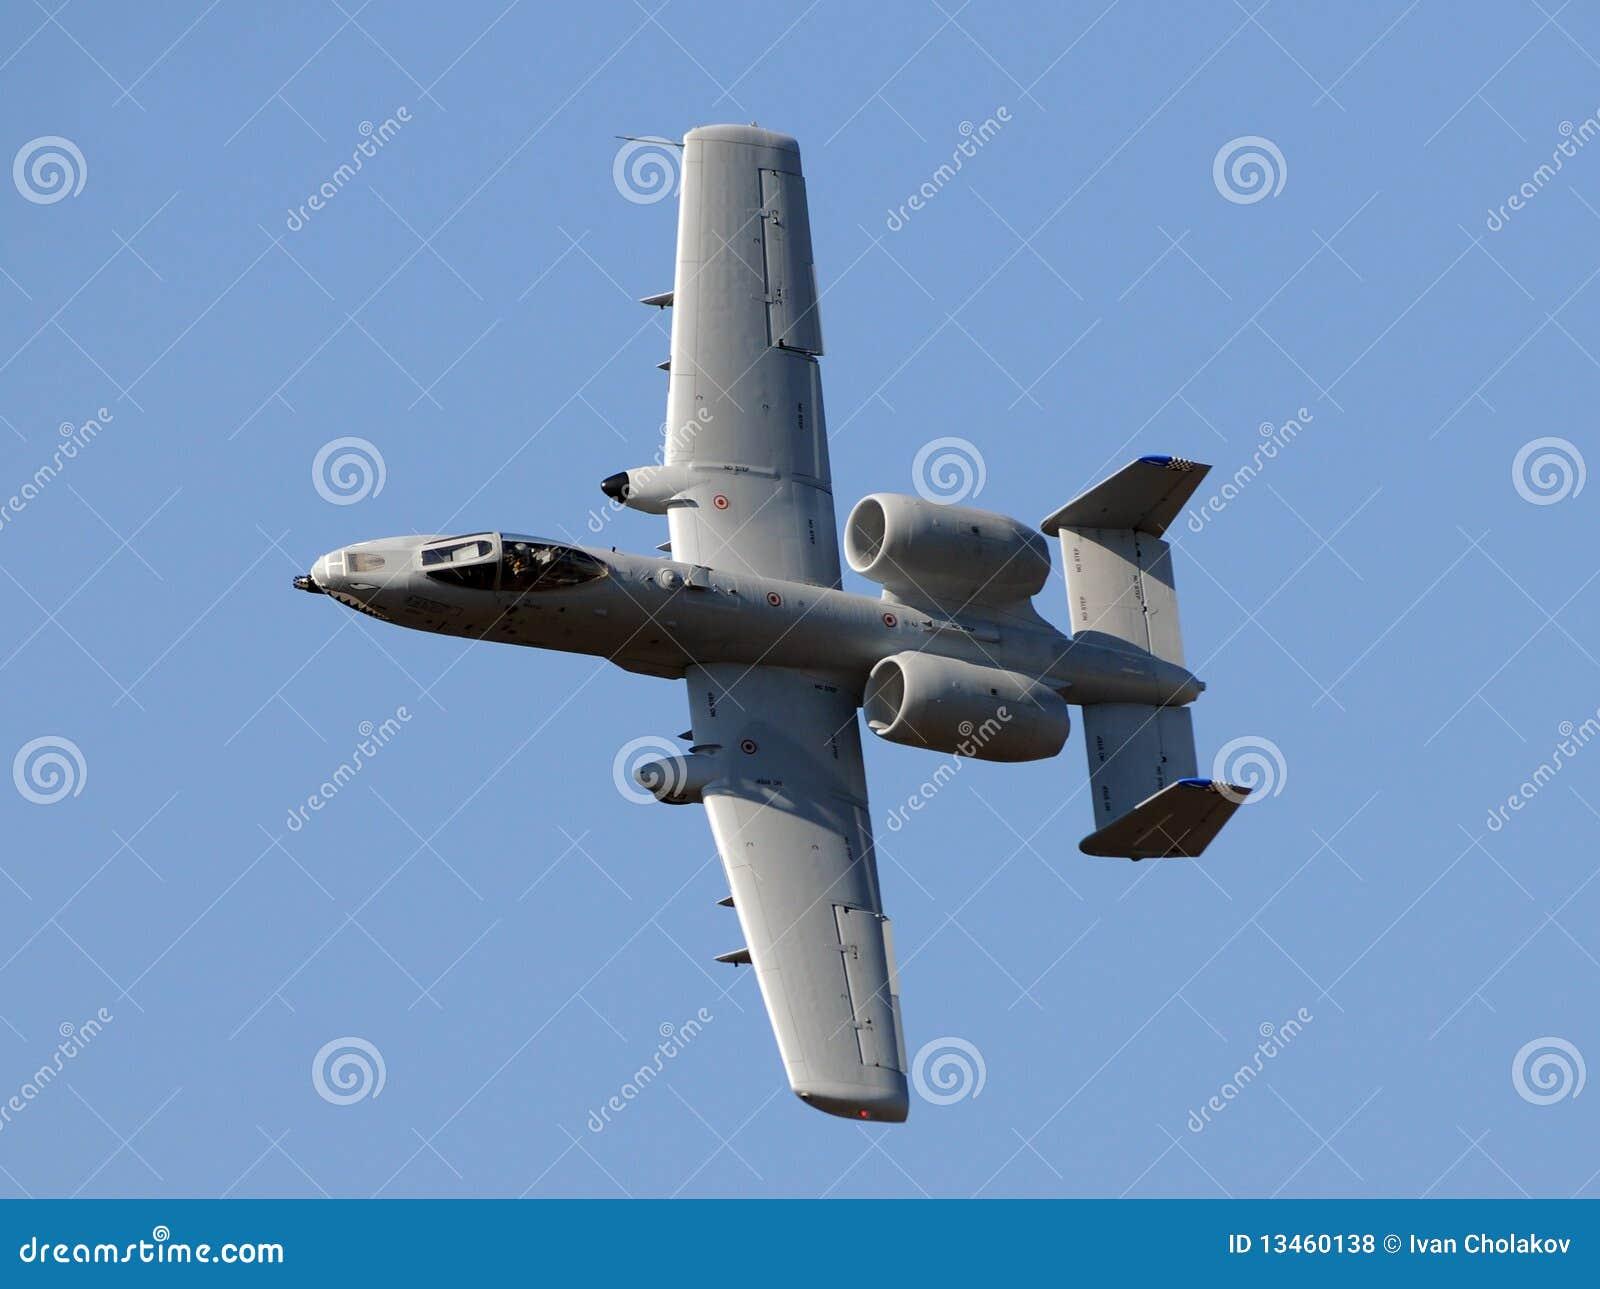 US Air Force Gun...B 52 Stealth Bomber